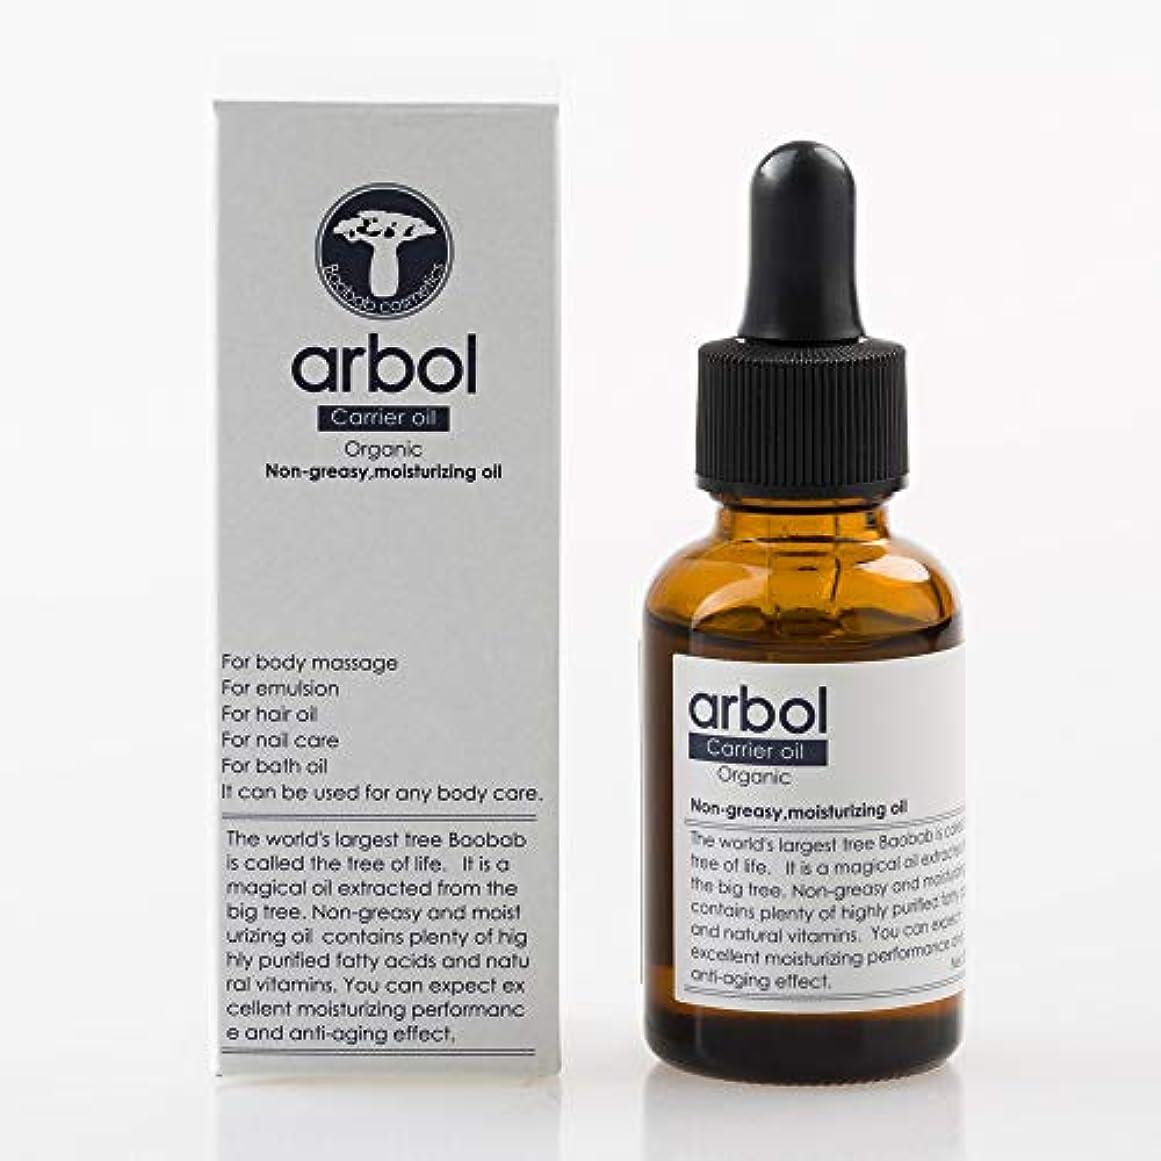 証明気配りのある公演arbol(アルボル)キャリアオイル 30ml スキンオイル バオバブオイル ピュアオイル (フェイスオイル/ボディオイル/ヘアオイル/ネイルオイル)1118-1001